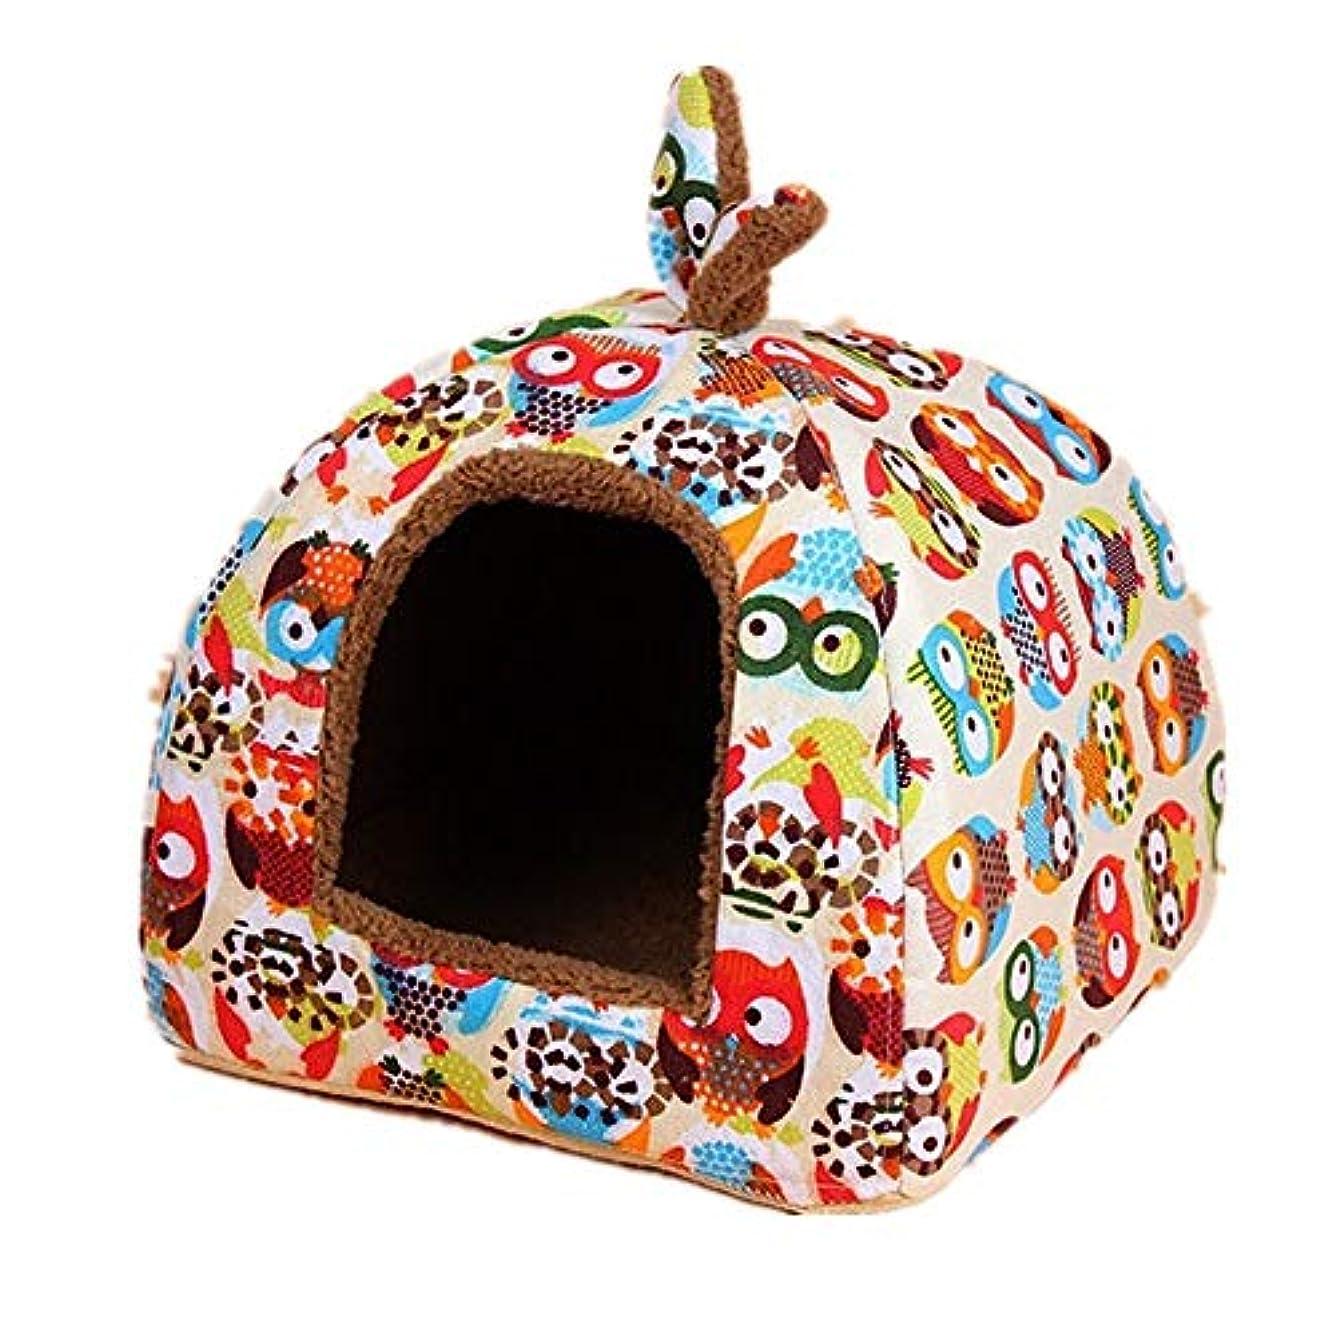 ロードハウス胚芽おびえたキャットハウス デザインソフトペットHouseNonスリップ洗える自己発熱ペットハウスベッドを印刷 暖かい休憩所 (Color : B, Size : M)